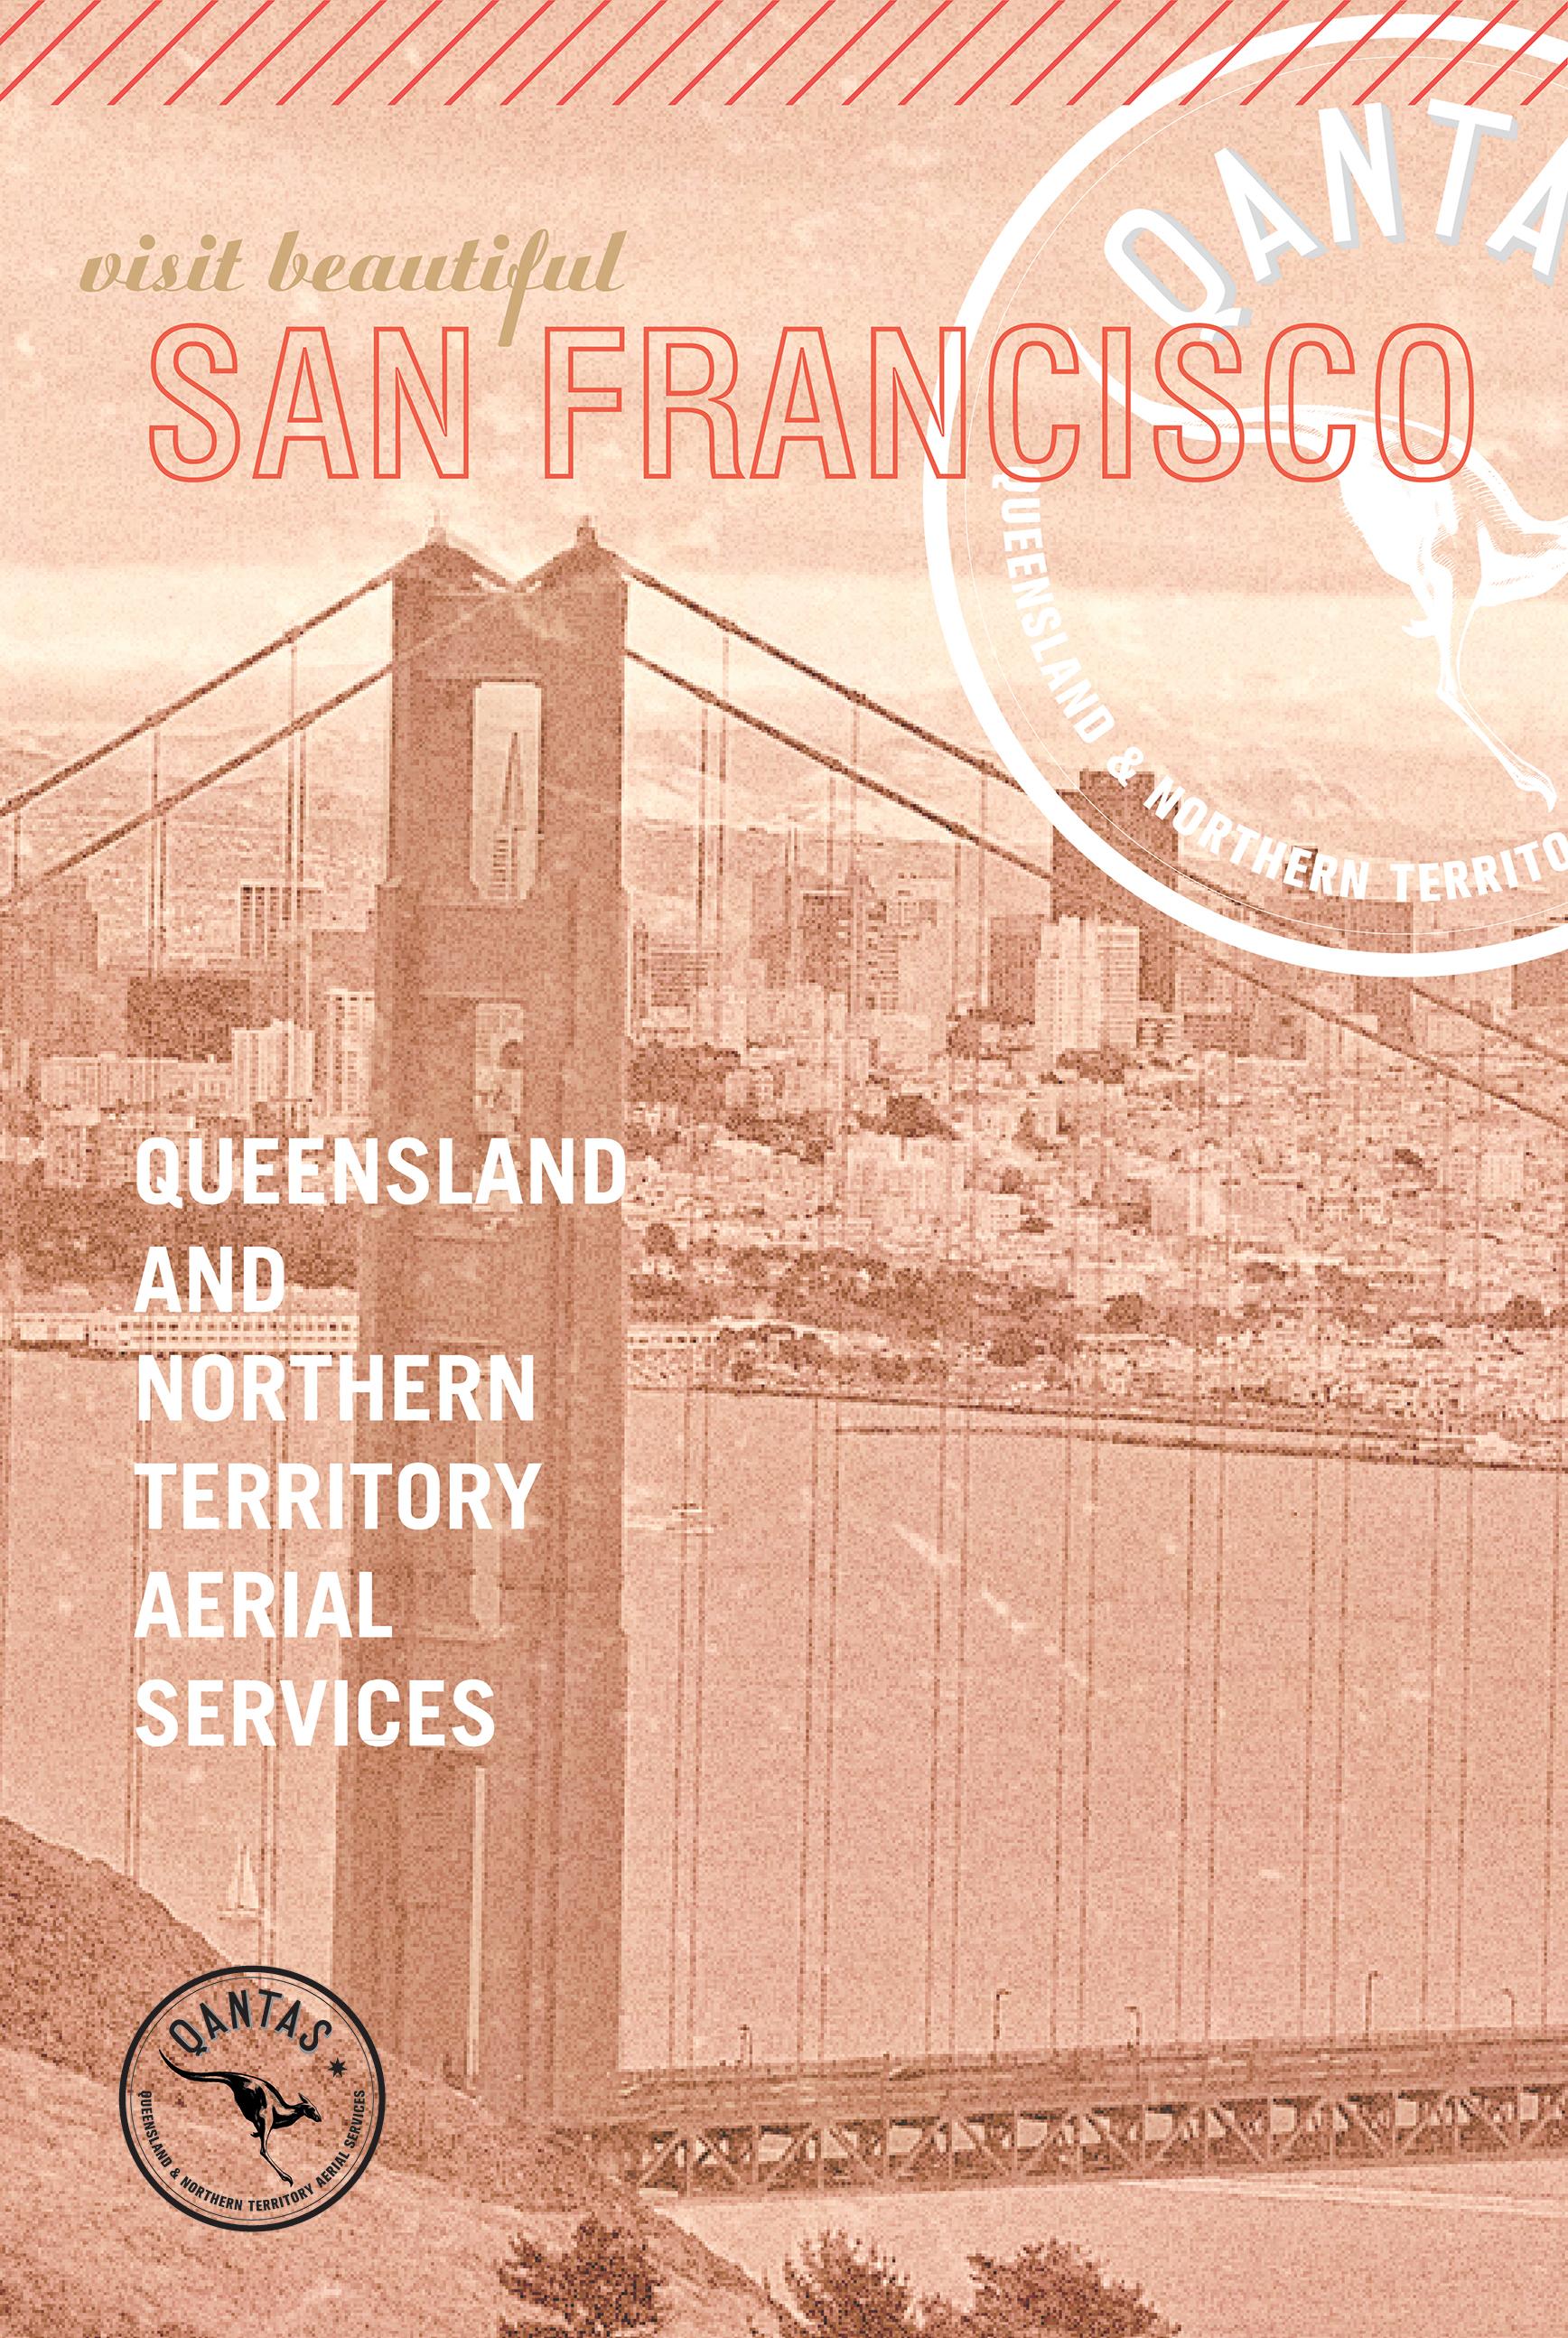 Poster_72.jpg